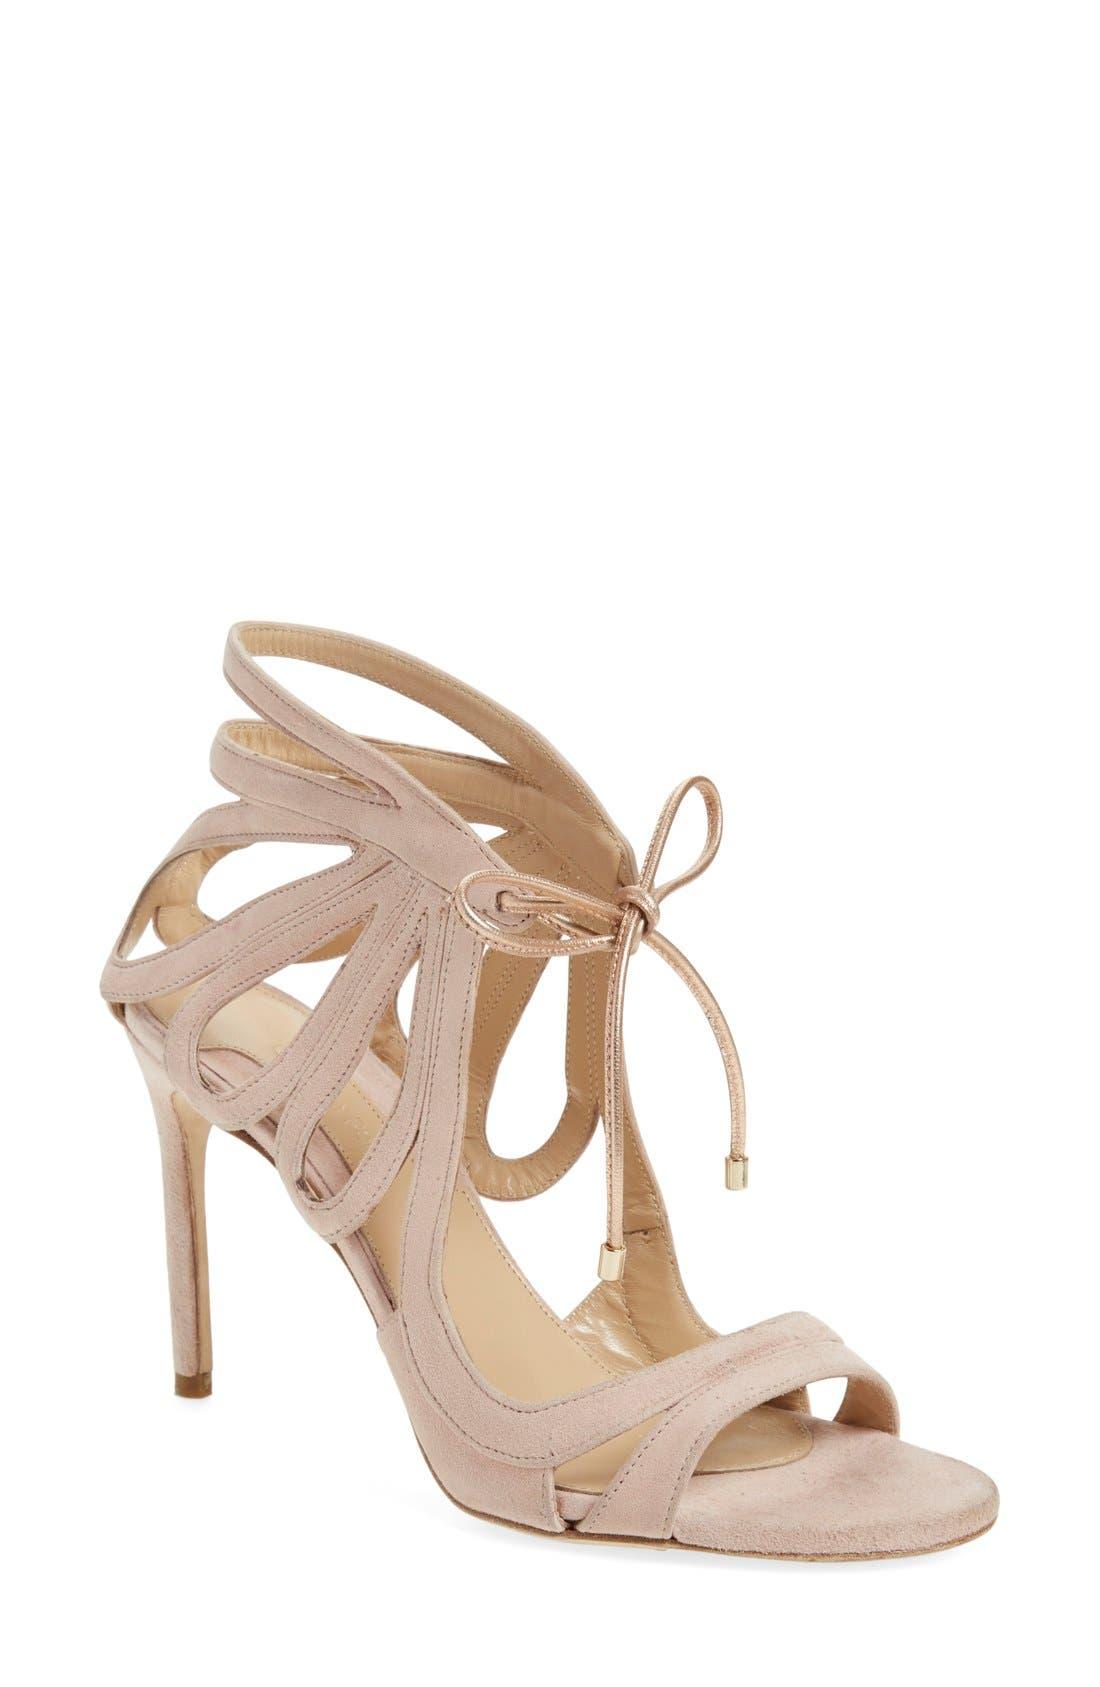 Alternate Image 1 Selected - Chelsea Paris 'Ada' Sandal (Women)